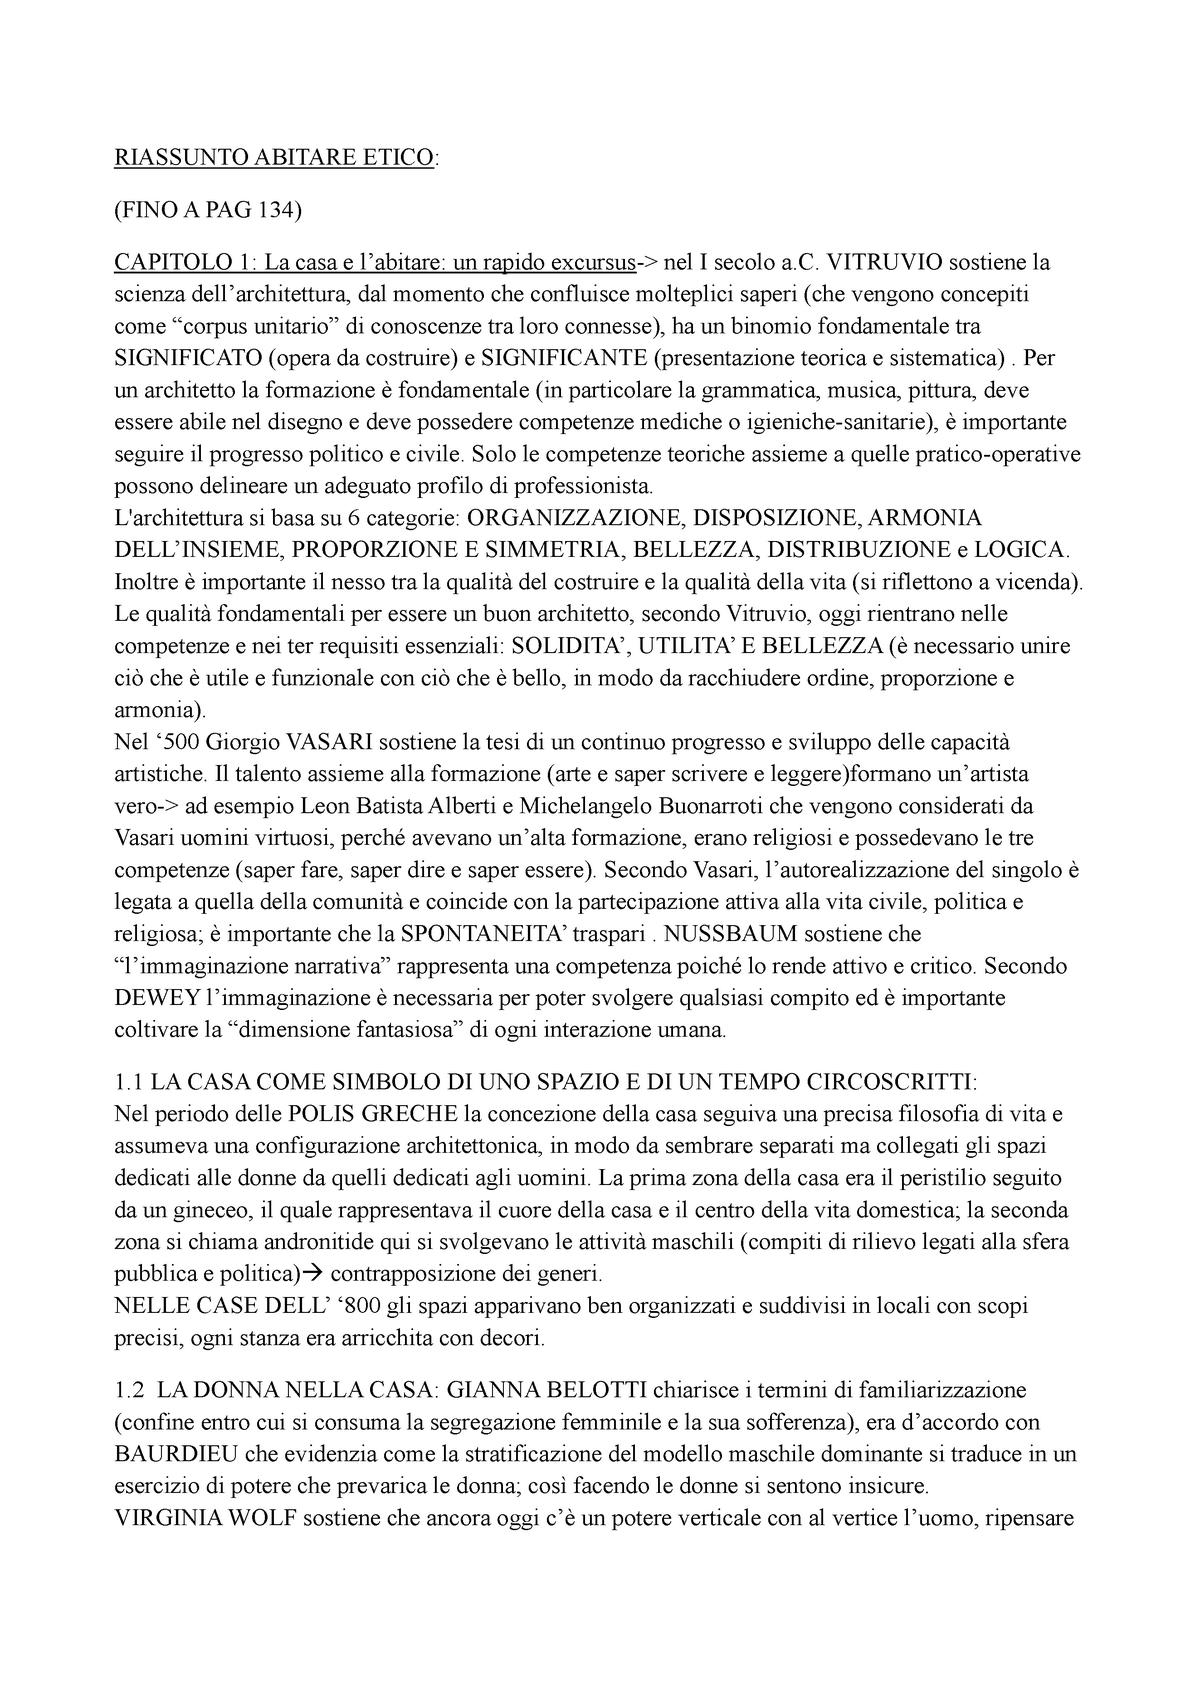 Riassunto 13220 L'abitare Etico Gallerani Studocu Manuela WYbEDeIH29